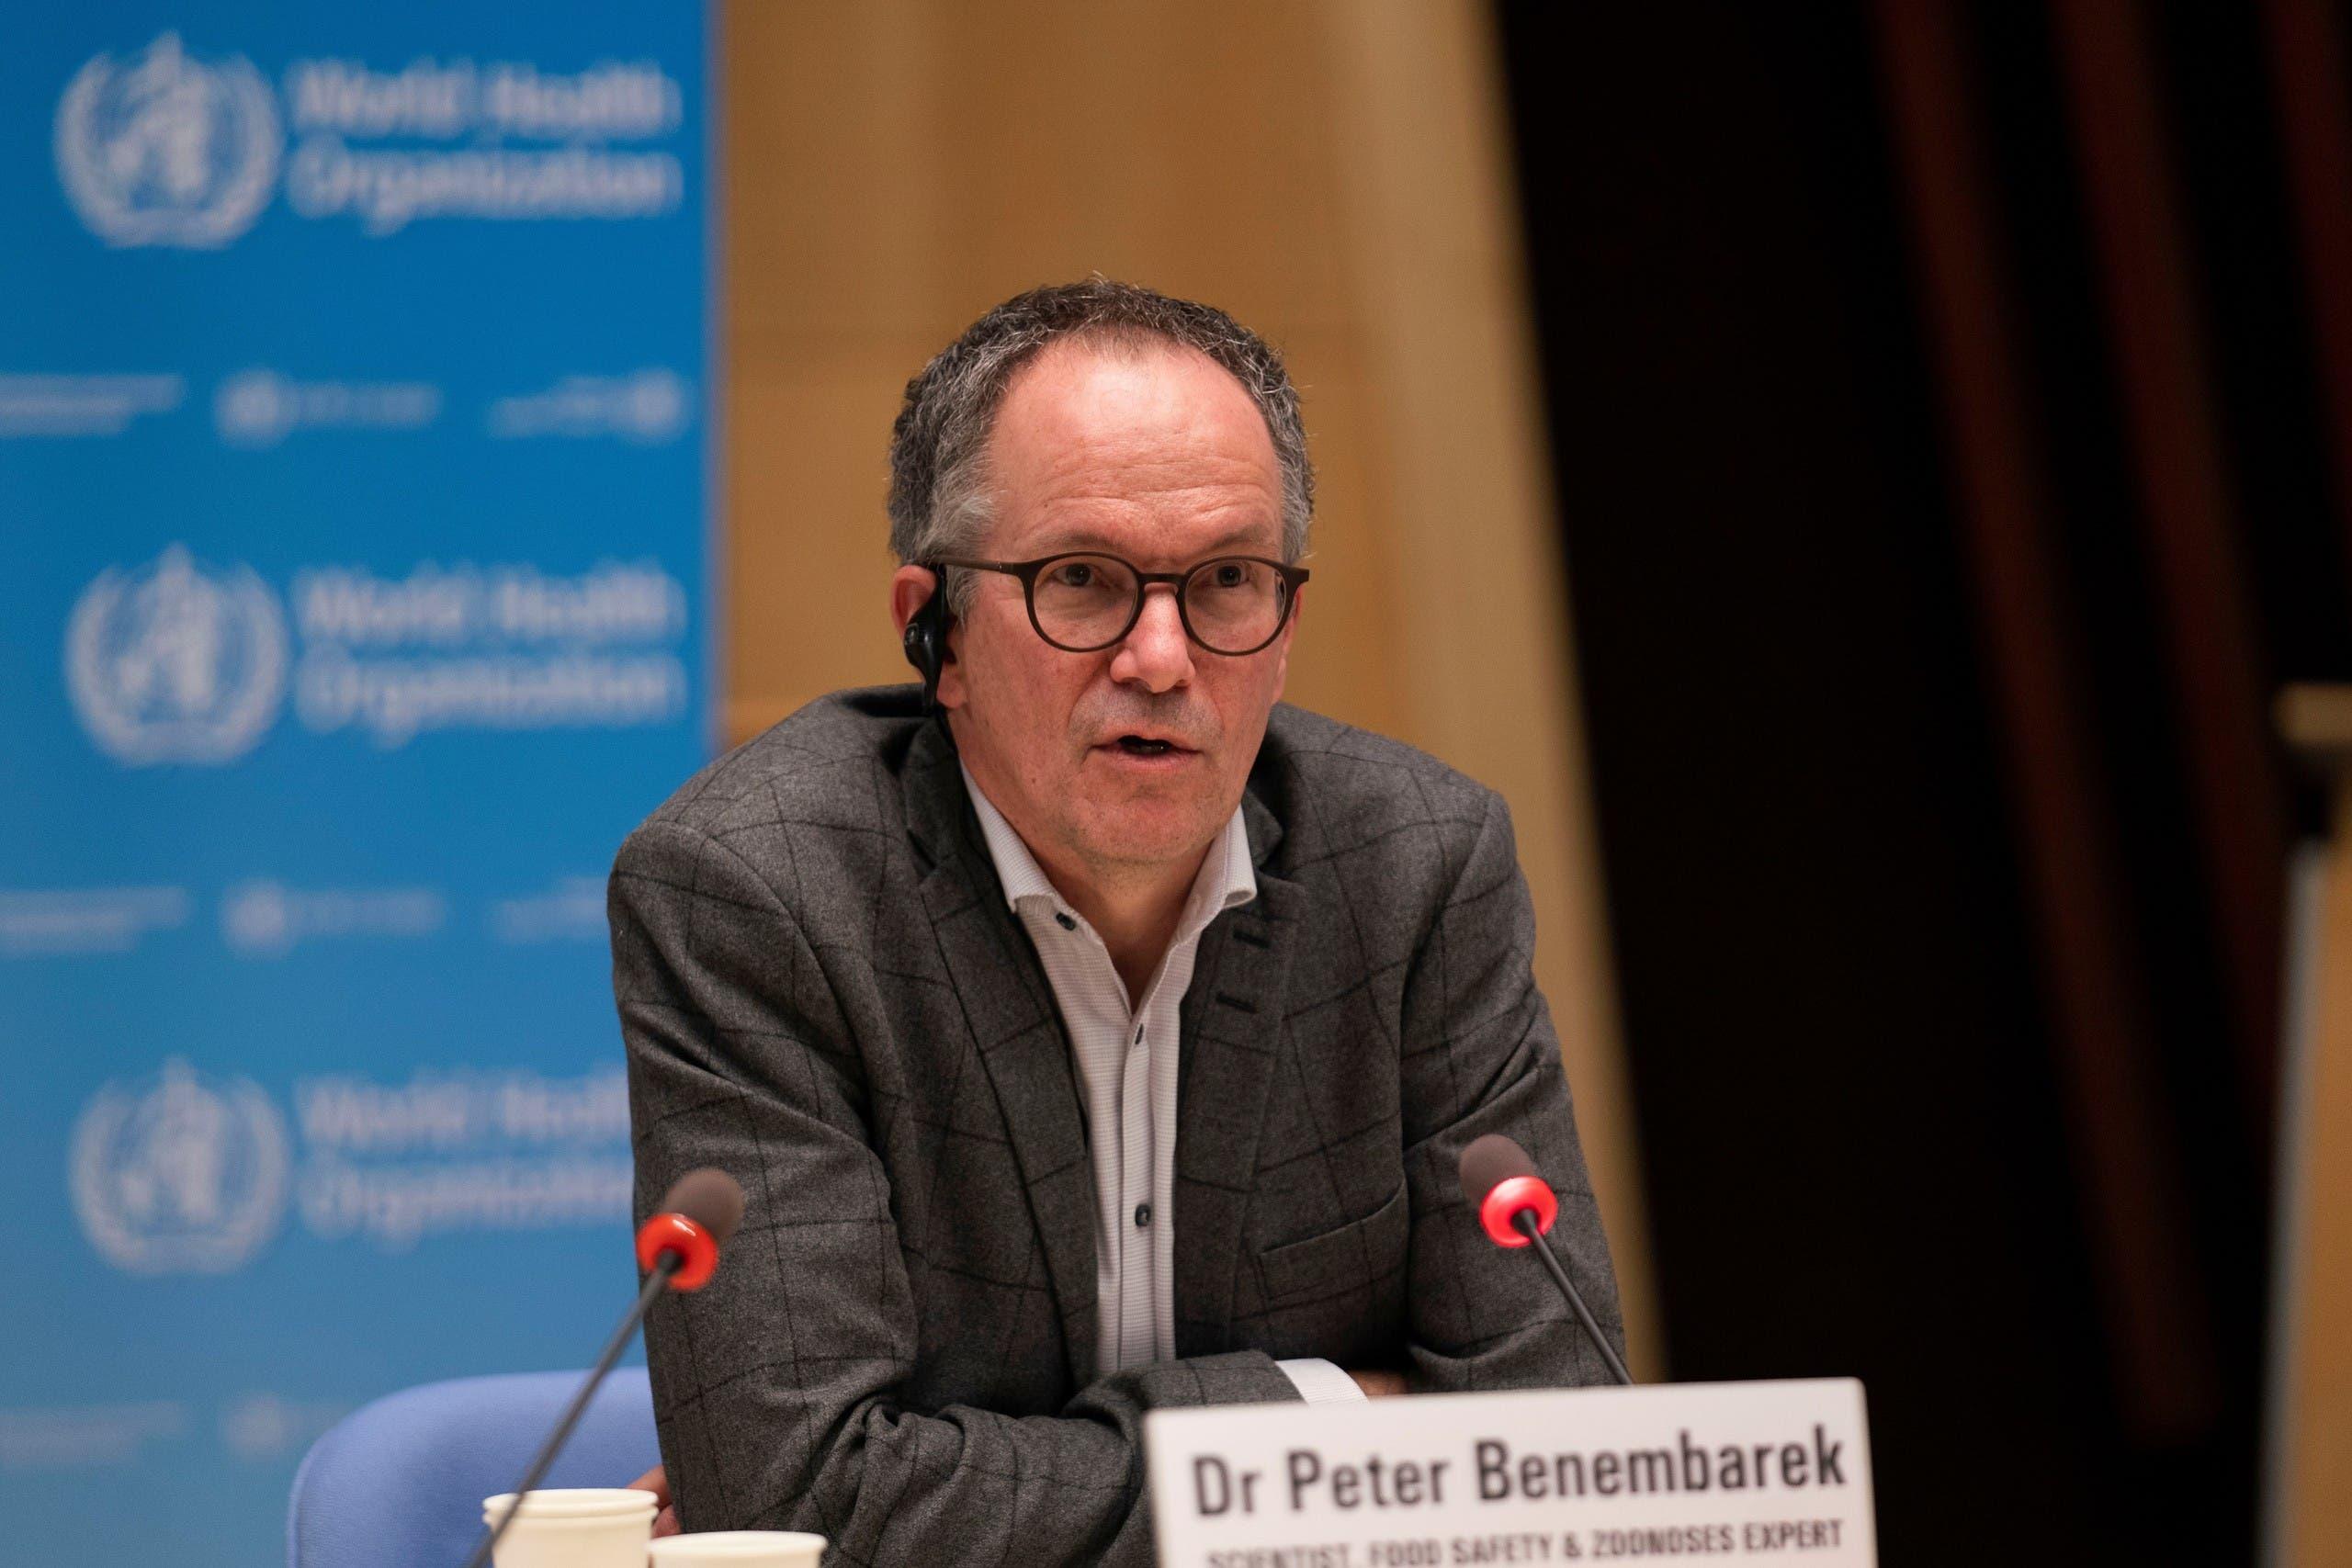 بيتر بن امباريك (أرشيفية)